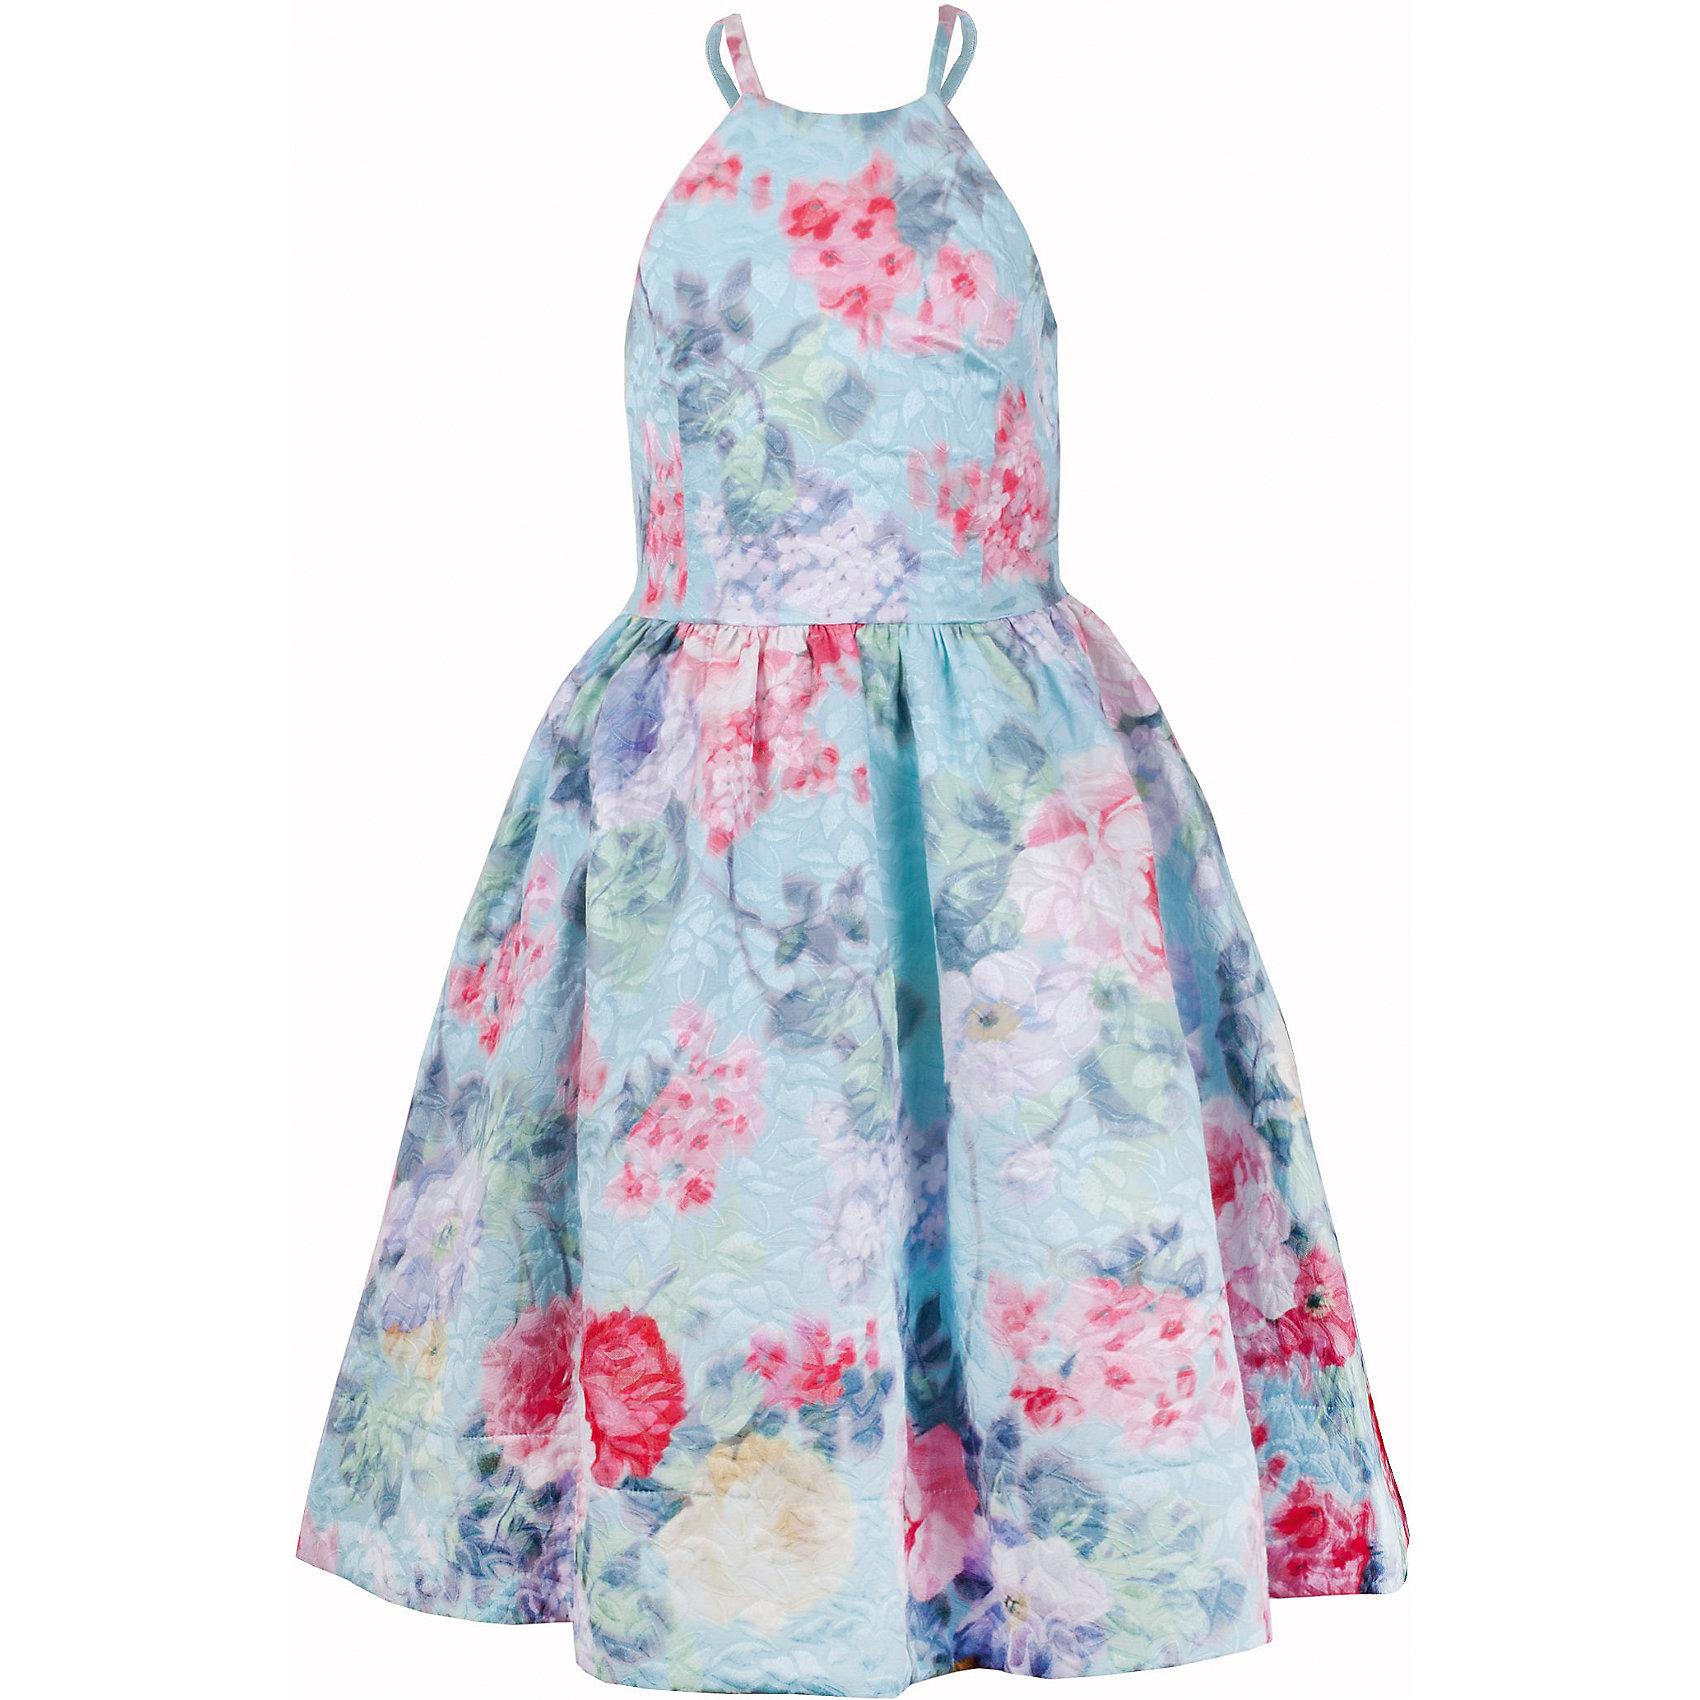 Платье для девочки GulliverРоскошное жаккардовое платье из плотного орнаментального текстиля - образец благородства и изящества. Приталенный лиф на тонких лямках и широкая пышная юбка создают головокружительный эффект модели для настоящей принцессы. В гардеробе ребенка не должно быть много нарядных платьев. Всего одно, но самого высокого качества, с нежным цветочным рисунком в розово-ментоловой гамме подарит девочке красоту, грациозность, элегантность, уверенность в себе и восторг окружающих. Если вы хотите дополнить летний гардероб ребенка чем-то необыкновенным, вам стоит купить платье для торжественных случаев из коллекции Акварель.  Это лучший выбор для модной современной принцессы с хорошим вкусом и благородными манерами.<br>Состав:<br>верх:                  63% хлопок          37% полиэстер; подкладка:           100% хлопок<br><br>Ширина мм: 236<br>Глубина мм: 16<br>Высота мм: 184<br>Вес г: 177<br>Цвет: голубой<br>Возраст от месяцев: 108<br>Возраст до месяцев: 120<br>Пол: Женский<br>Возраст: Детский<br>Размер: 140,122,128,134<br>SKU: 5483374